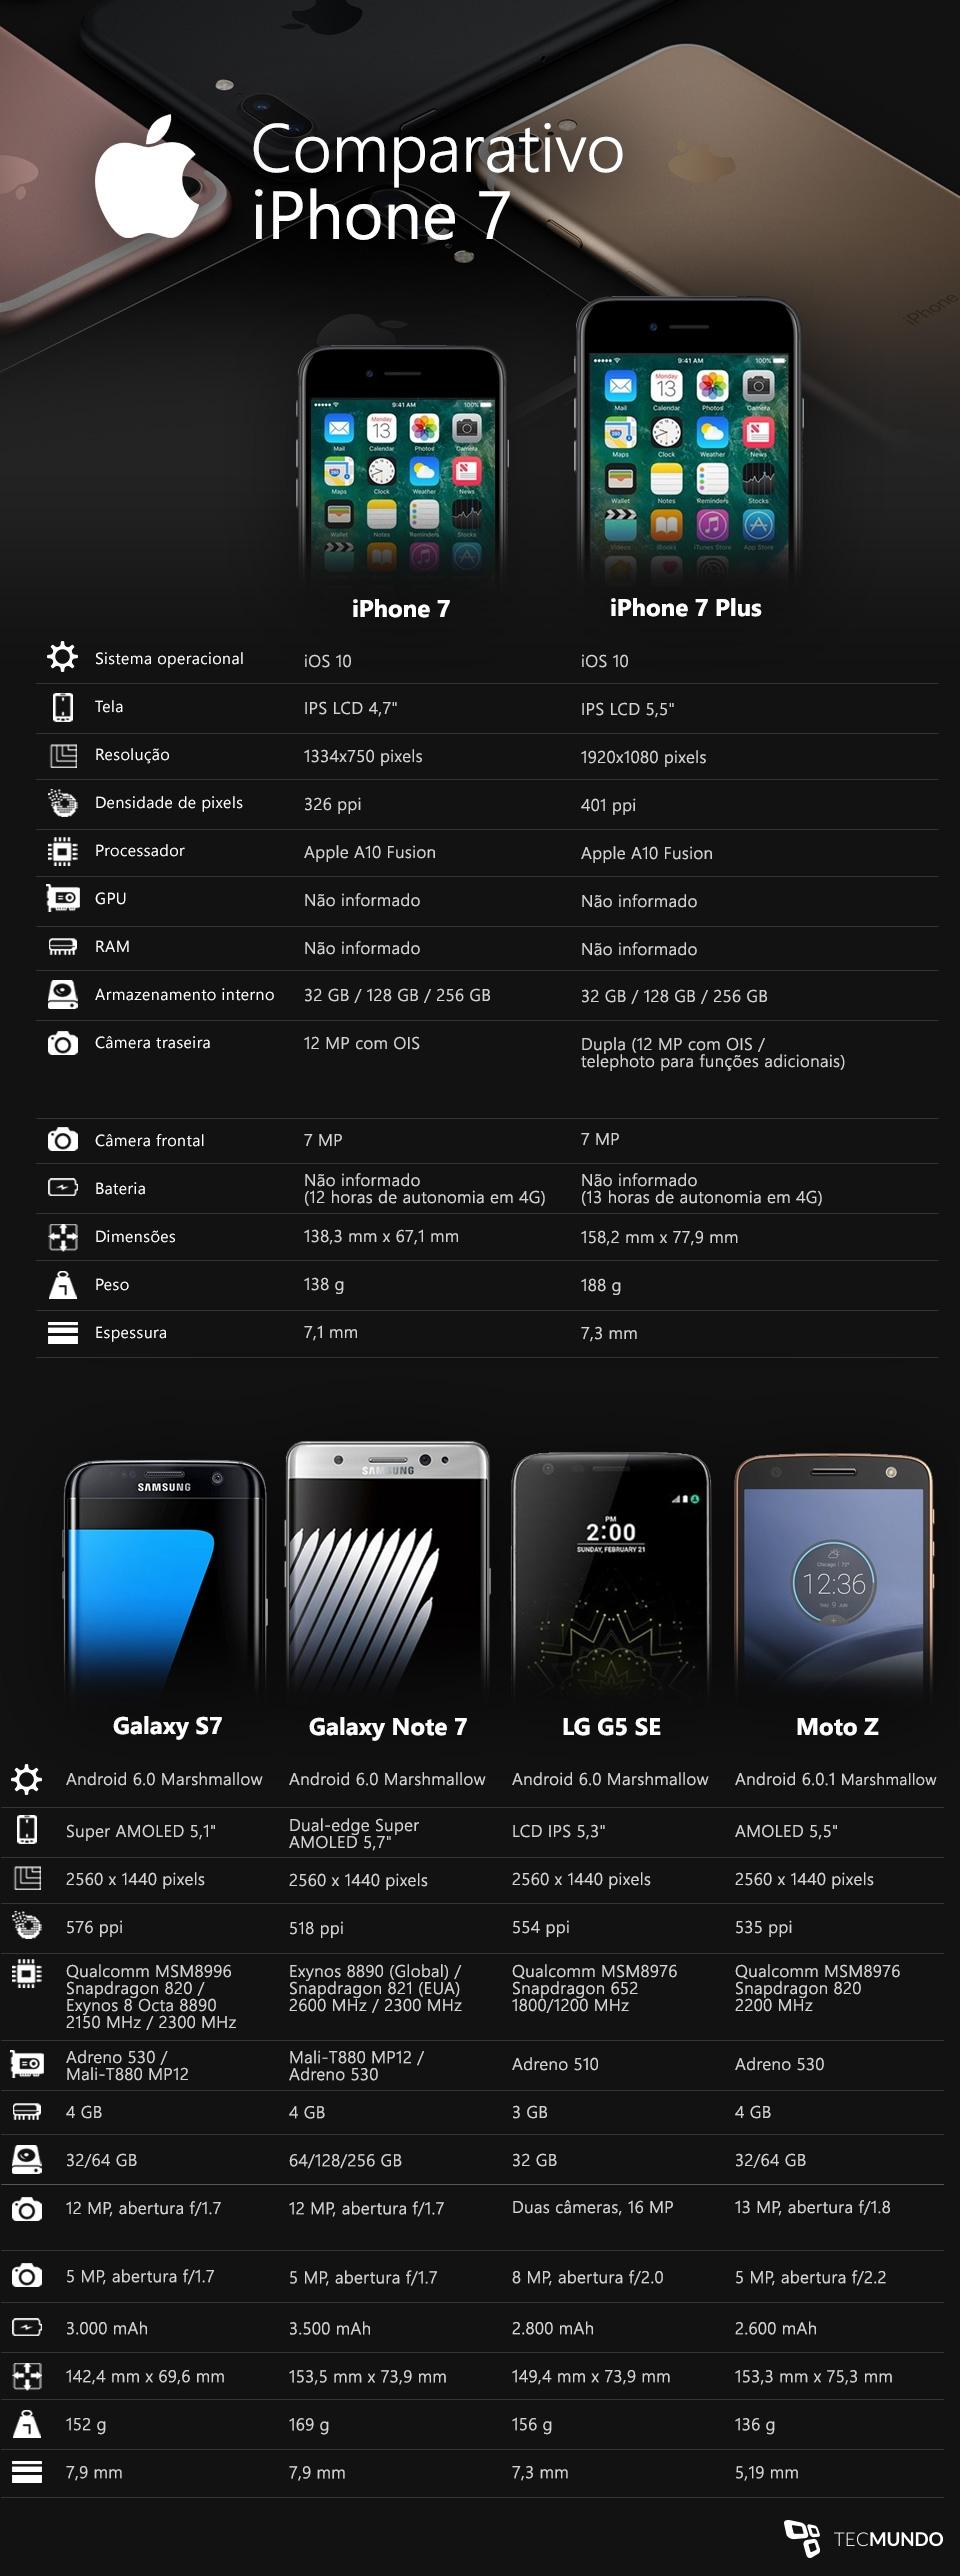 iPhone 7 e iPhone 7 Plus contra os principais smartphones do mercado